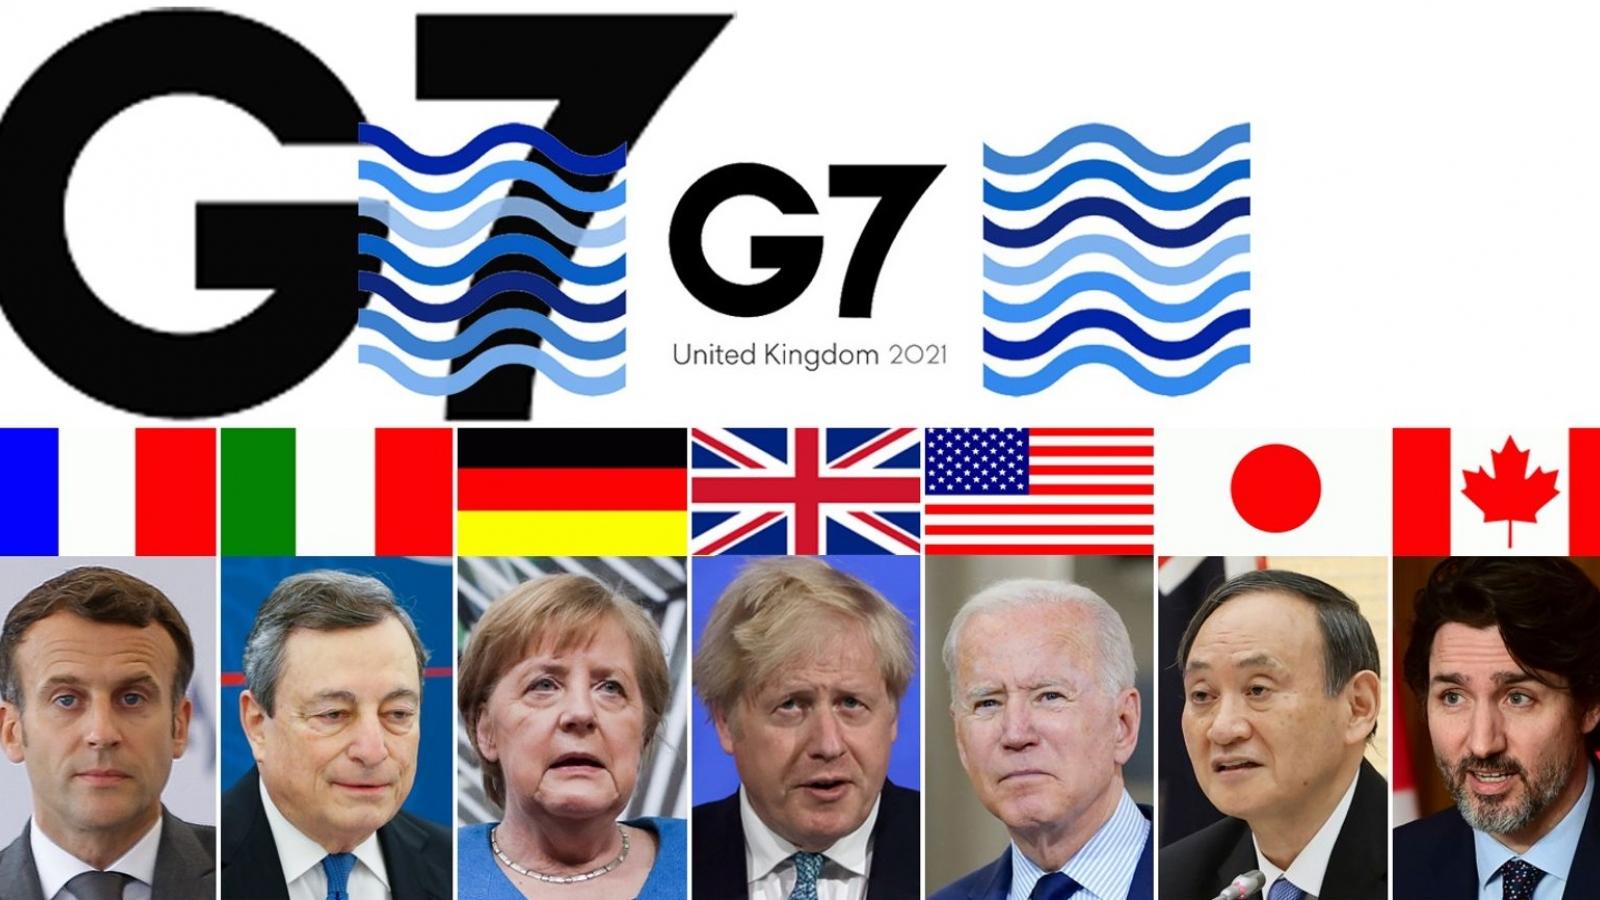 """Kế hoạch """"Xây dựng lại thế giới tốt đẹp hơn"""" (B3W) của G7 sẽ đi tới đâu?"""